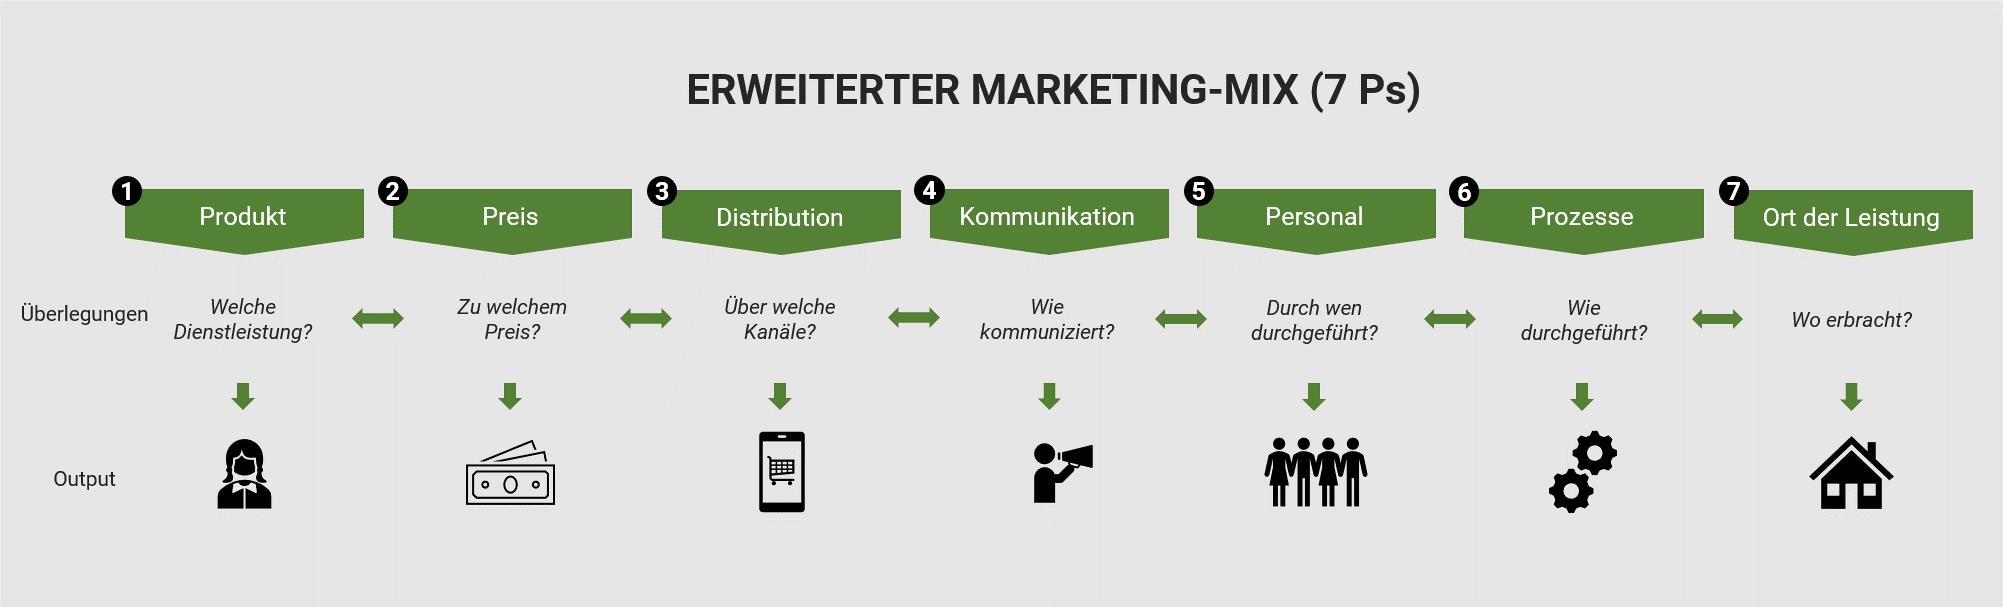 Darstellung des erweiterten Marketing-Mix 7 Ps